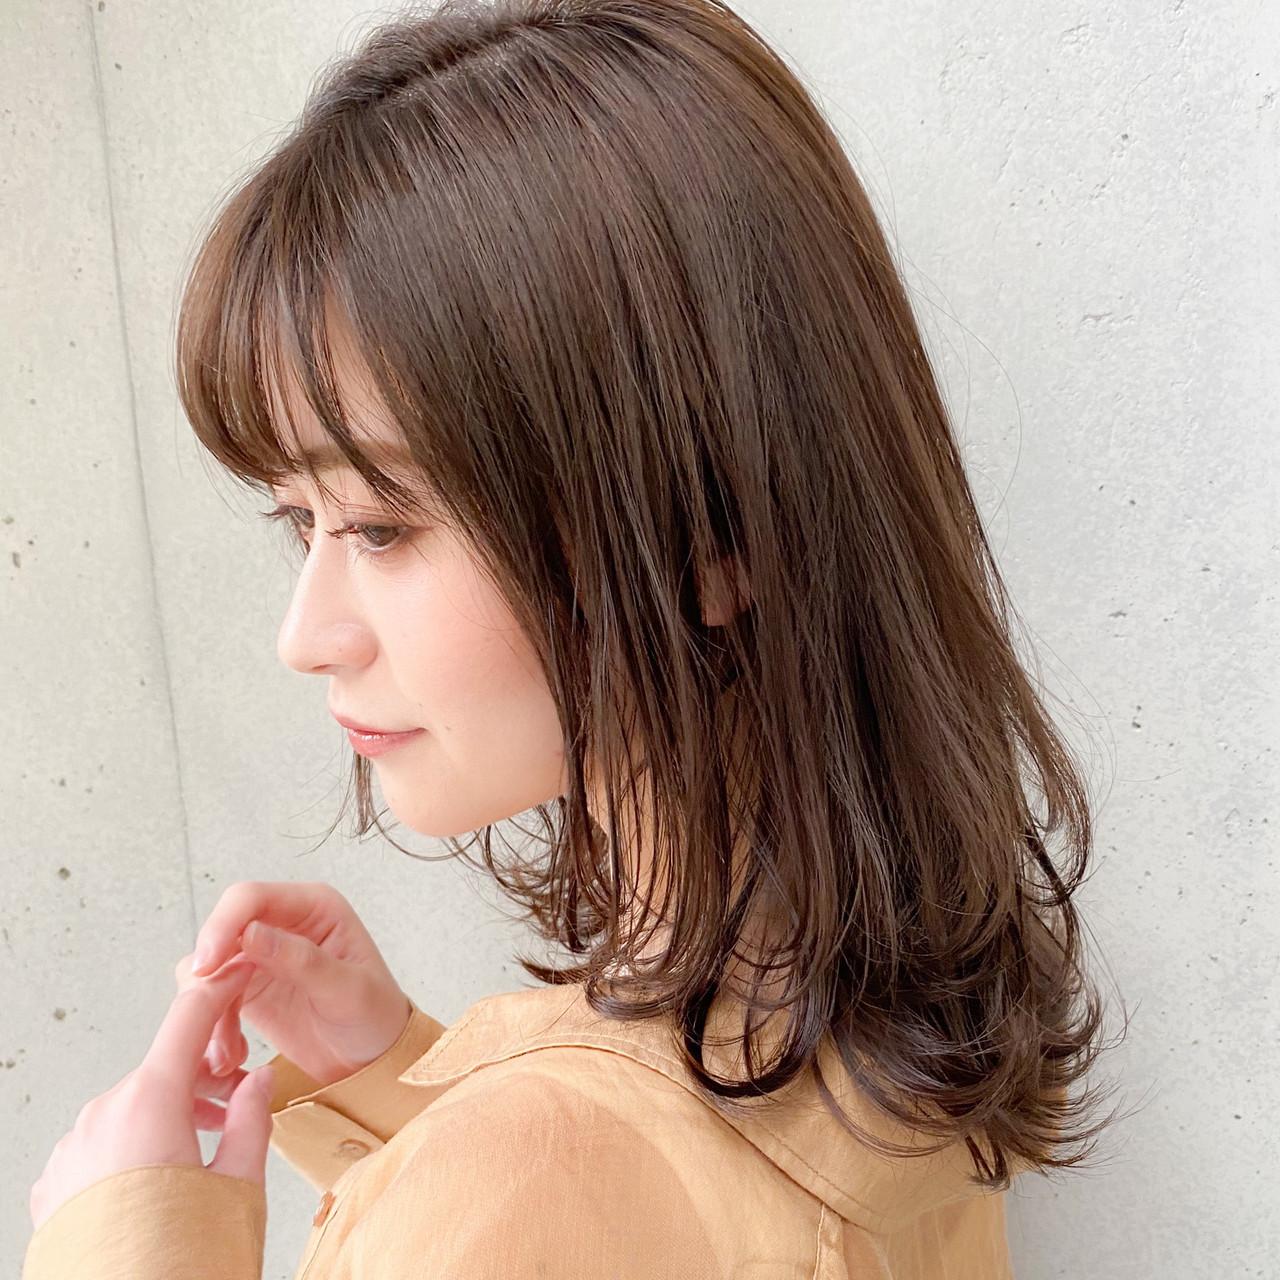 簡単ヘアアレンジ 簡単スタイリング 大人かわいい ナチュラル ヘアスタイルや髪型の写真・画像